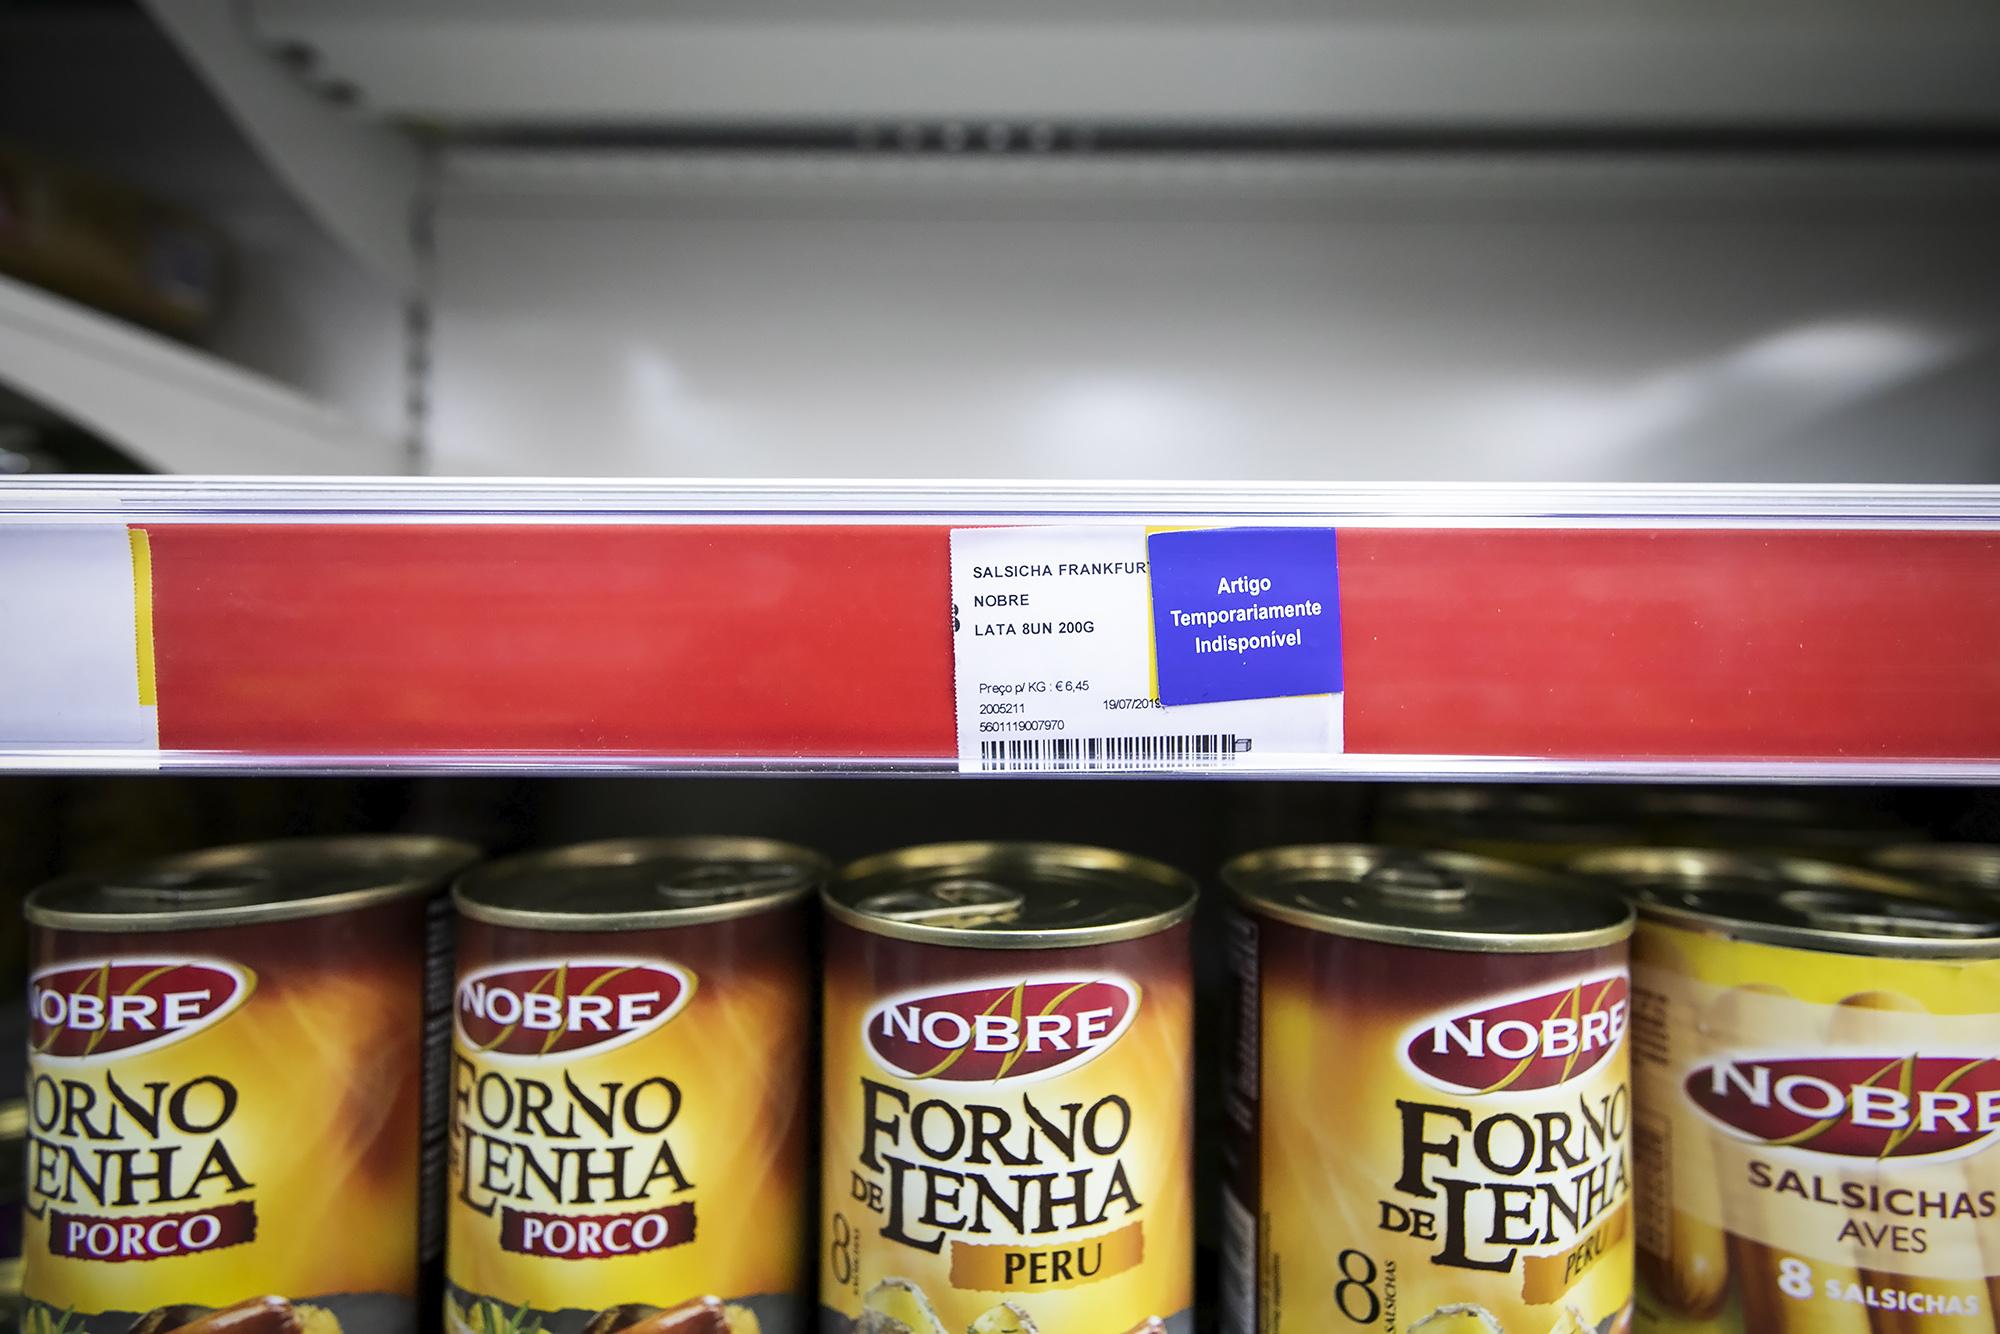 Reportagem nos supermercados a propósito do Covid-19 - 12MAR20